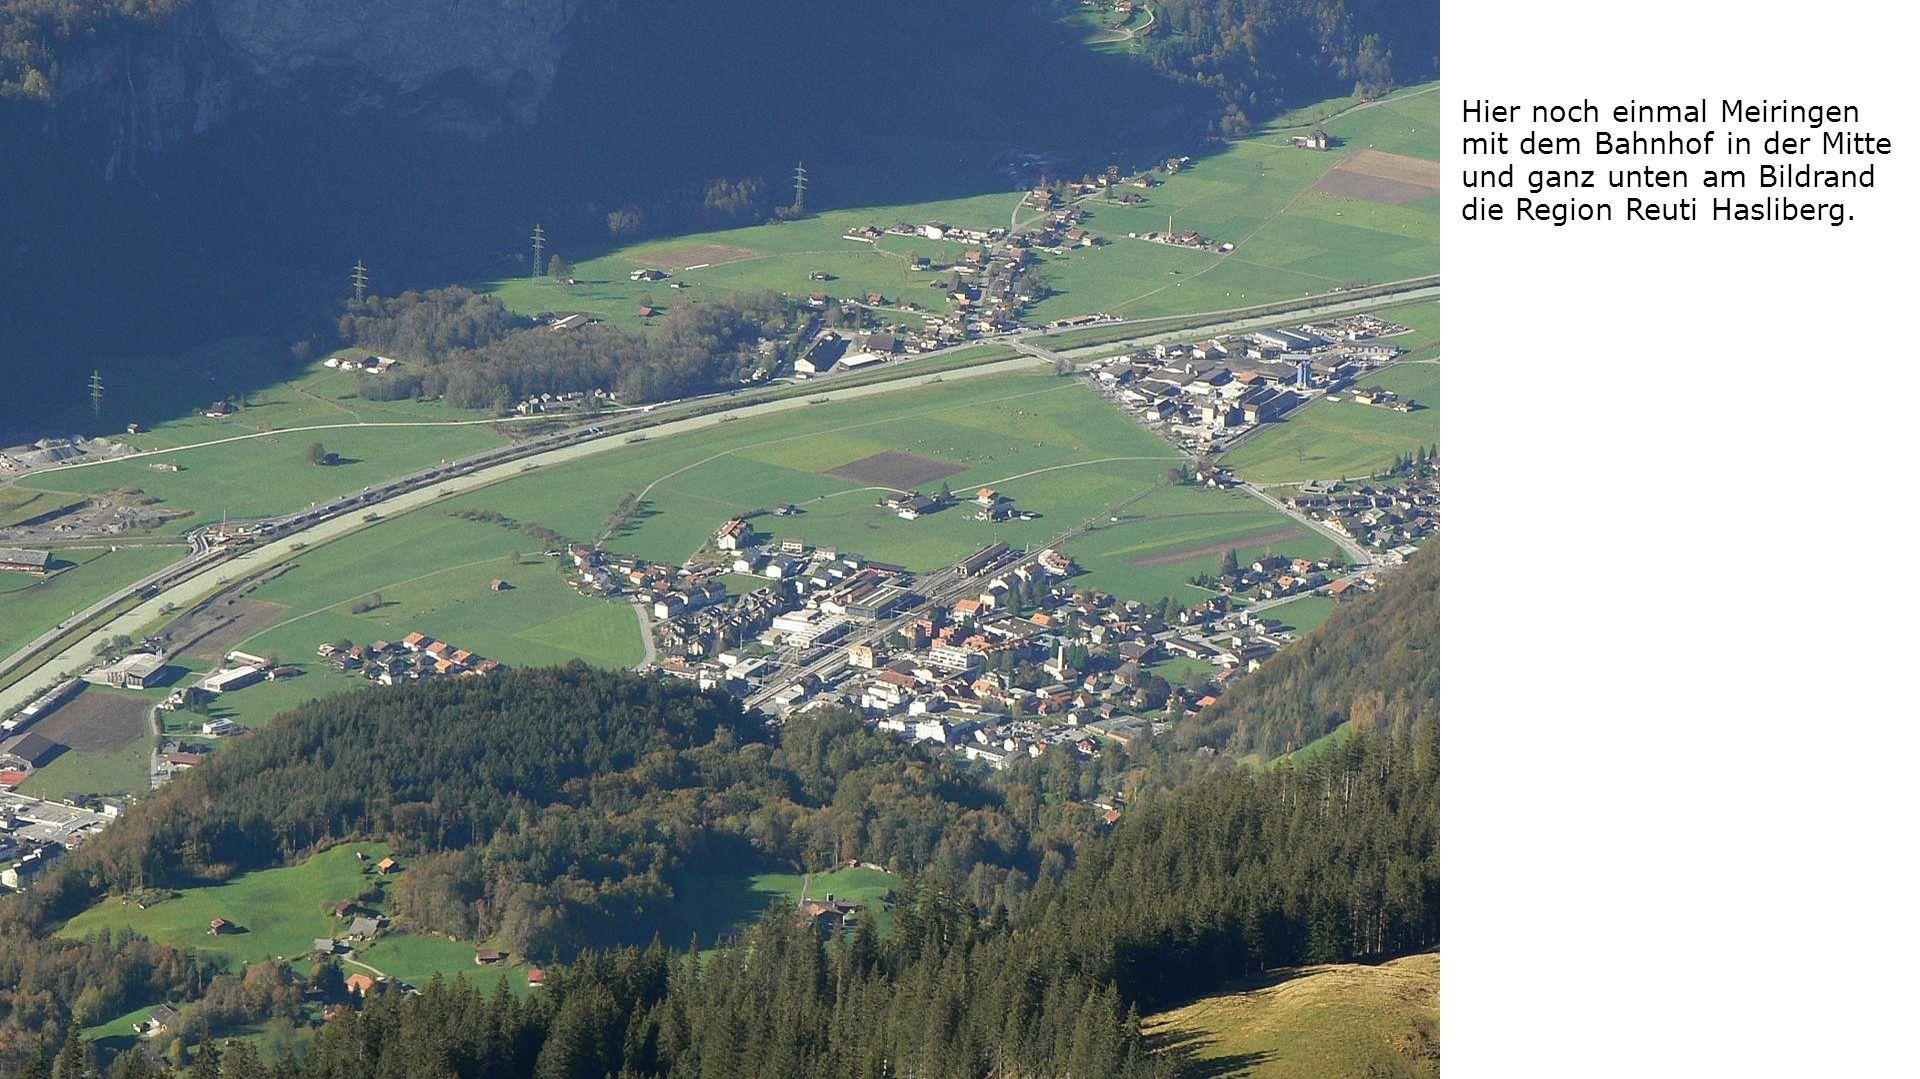 Hier noch einmal Meiringen mit dem Bahnhof in der Mitte und ganz unten am Bildrand die Region Reuti Hasliberg.